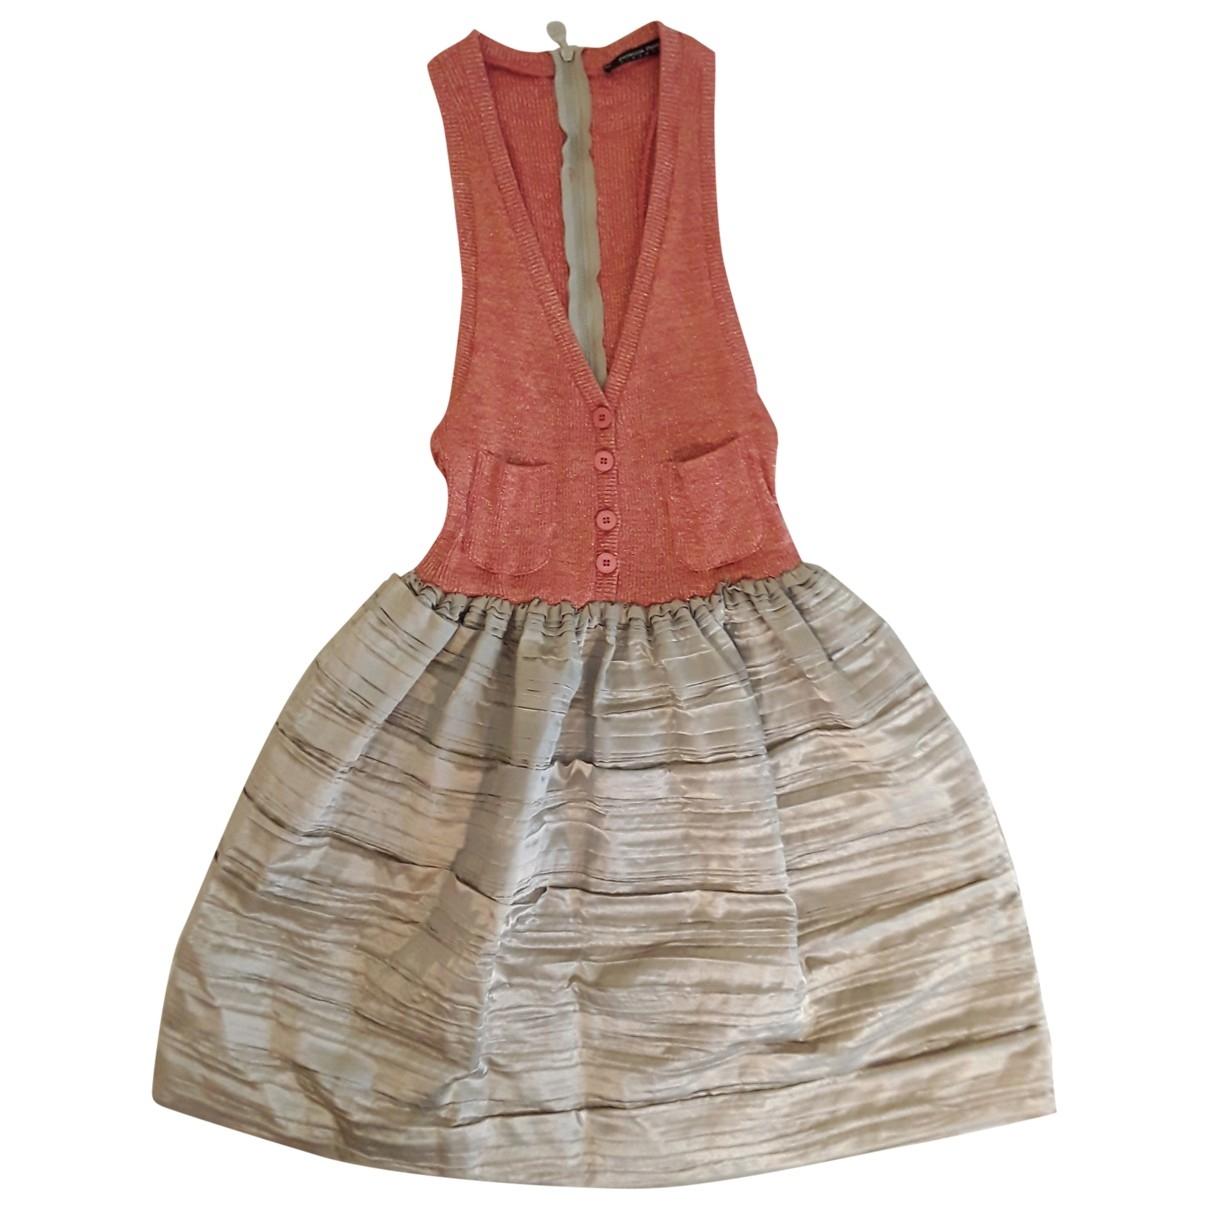 Patrizia Pepe \N Kleid in Baumwolle - Elasthan